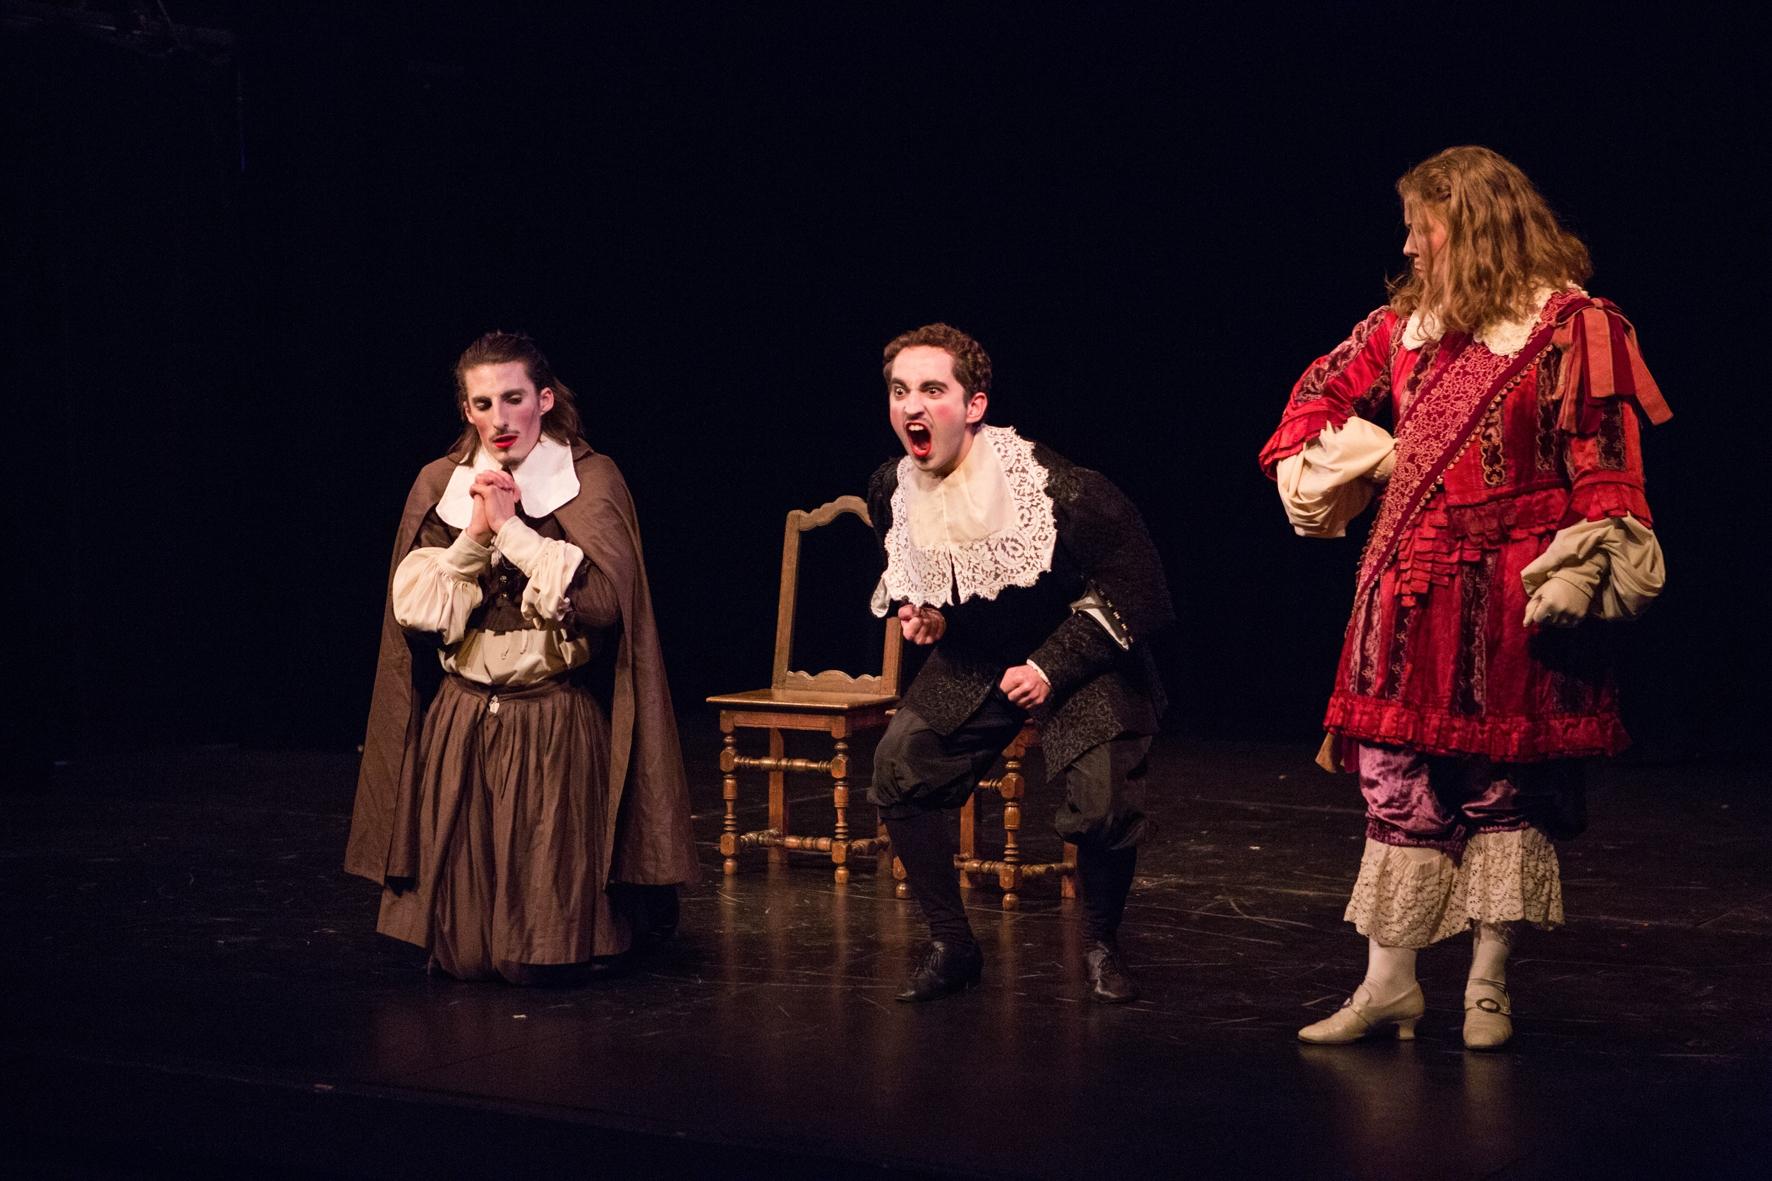 Soirée Mécènes en Scène 3 au Théâtre le Ranelagh